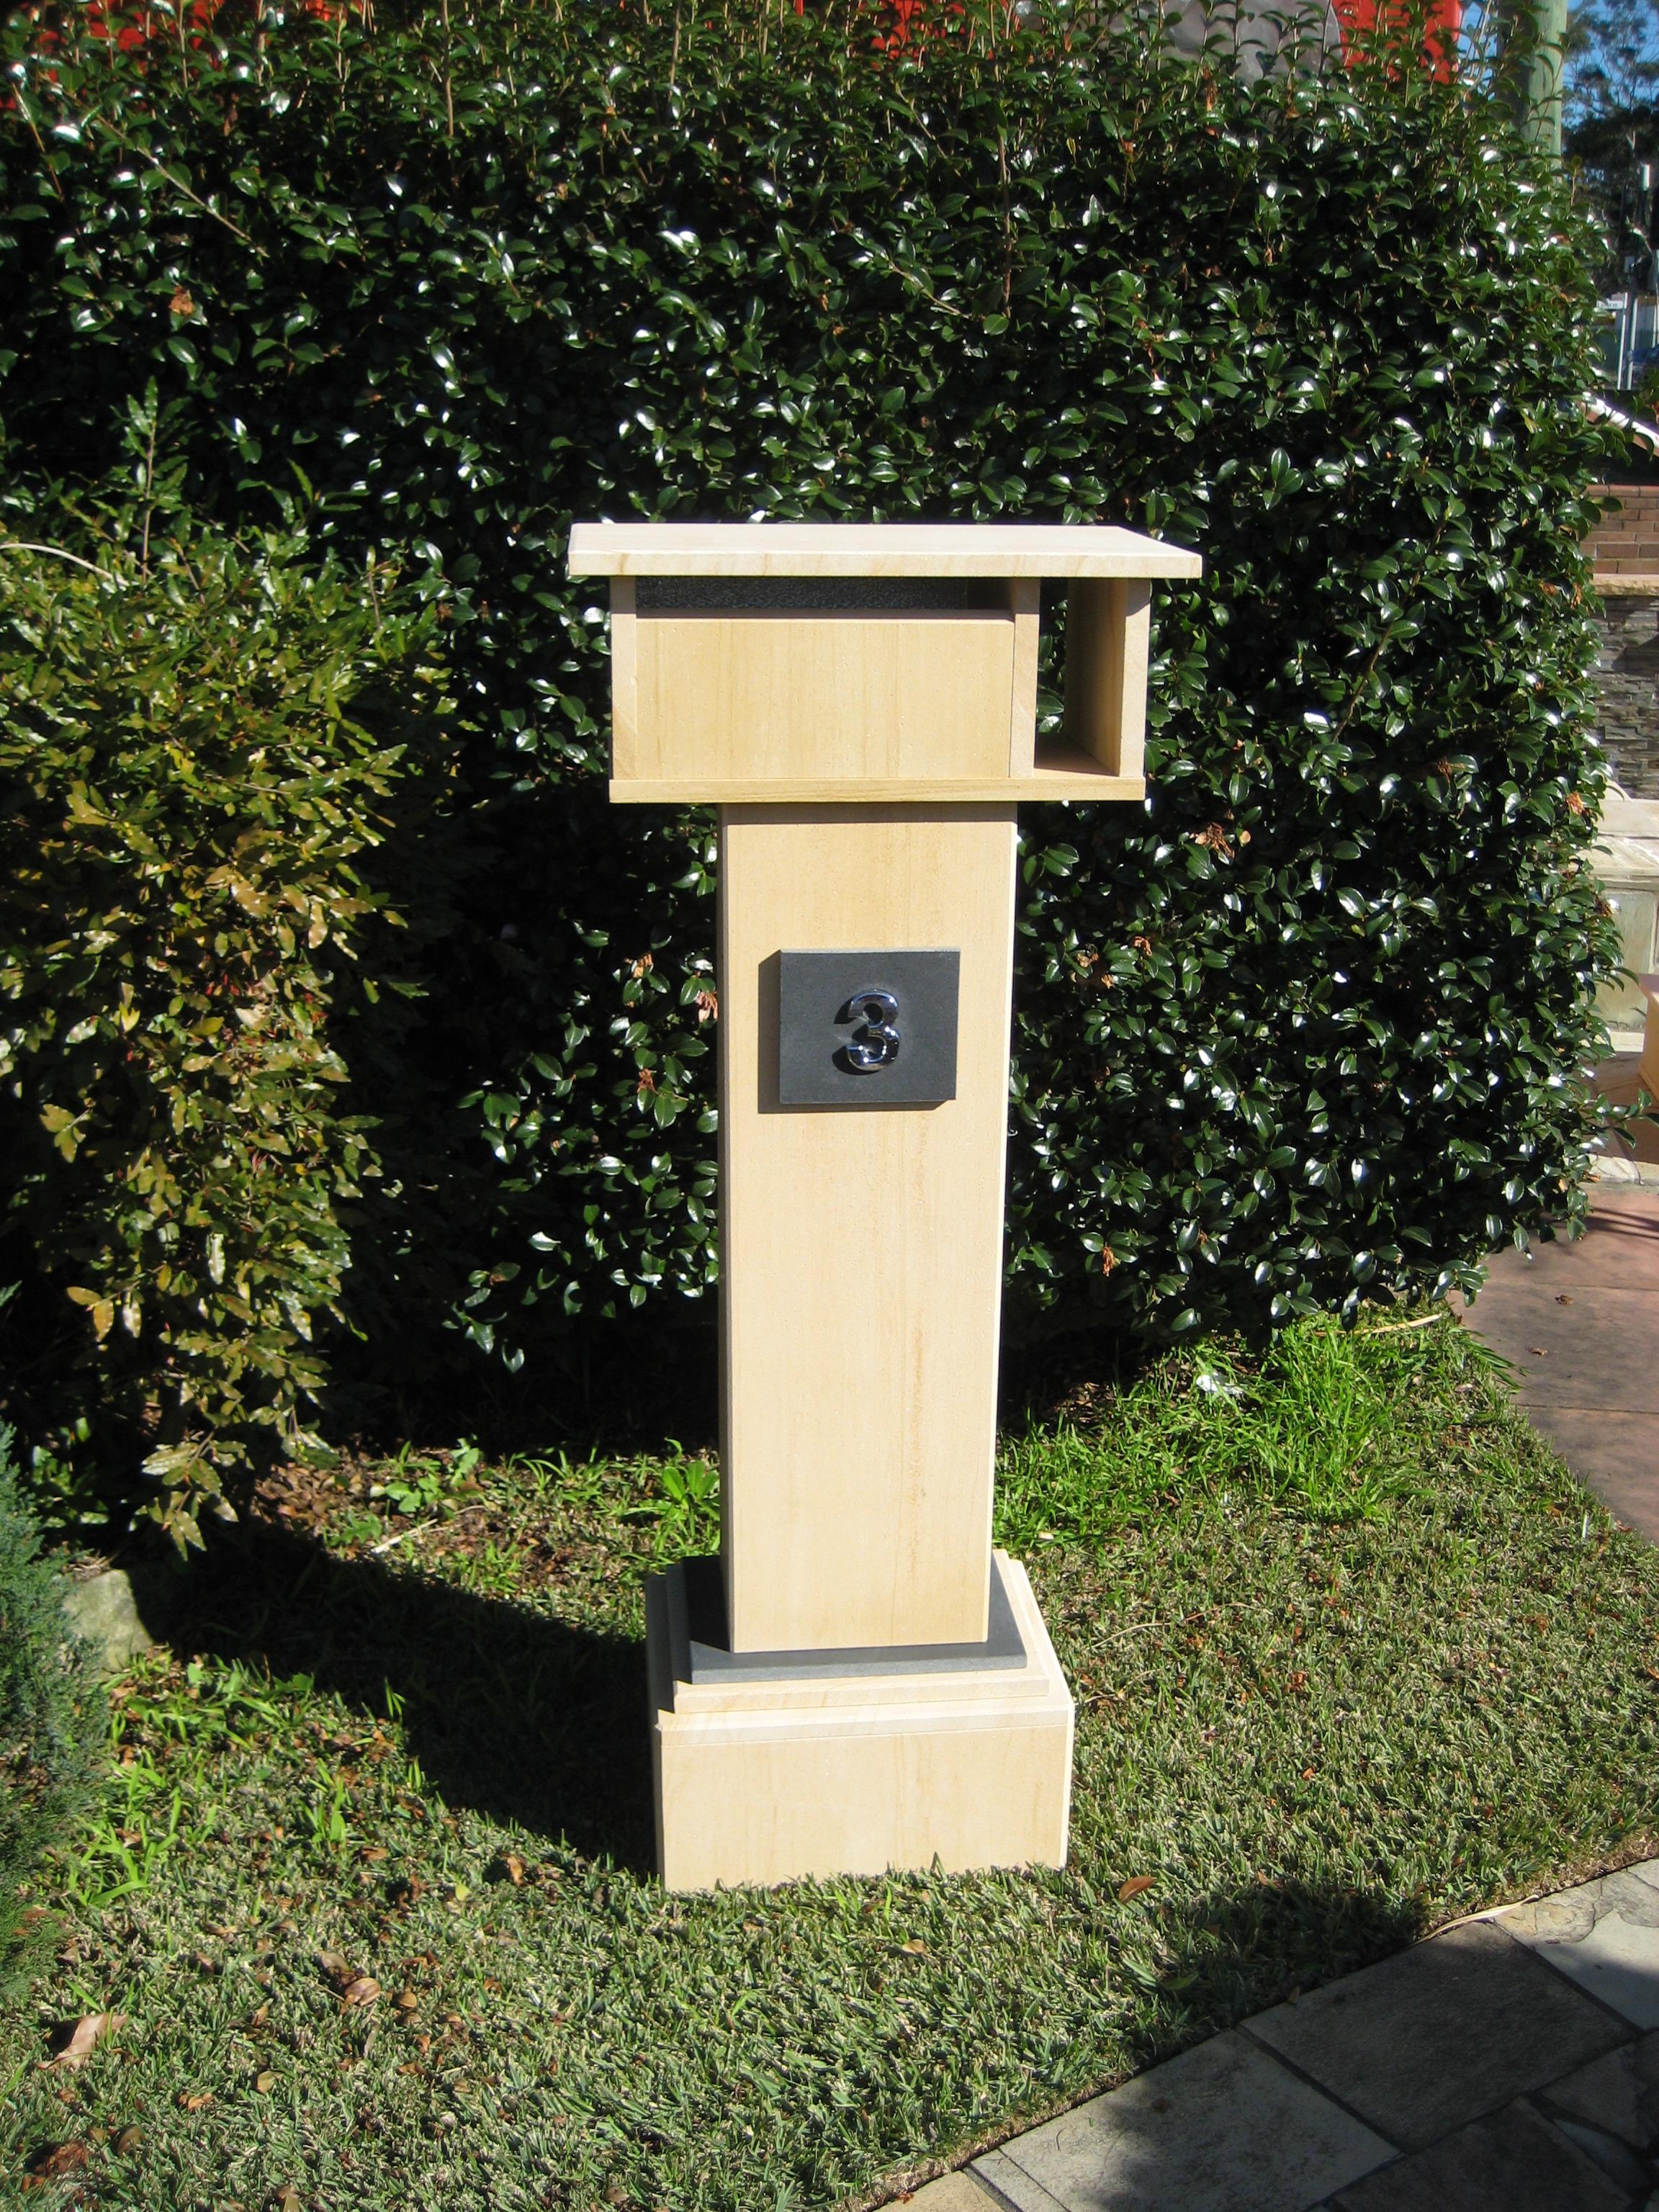 47. Extra tall letterbox, woodgrain sandstone. 1060 tall, dimensions 1250x500x300 $790